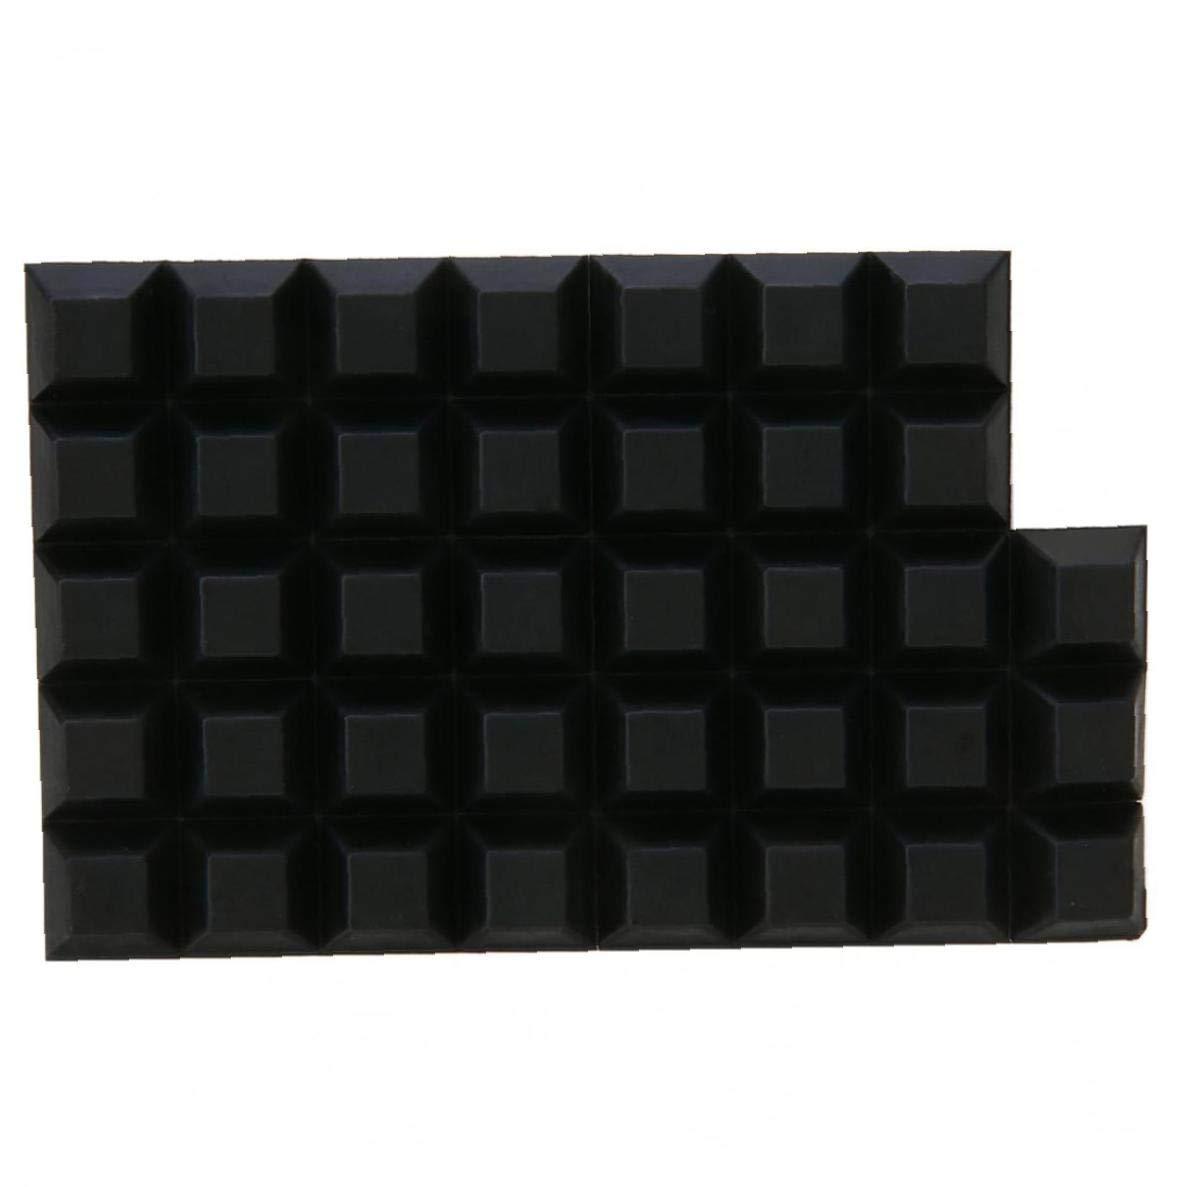 Asien 40pcs Negro Auto-Adhesivo de Goma de Poliuretano Tope de retenci/ón Antideslizantes Puerta del Armario Protectores para pies de Goma Pad Principal Herramientas